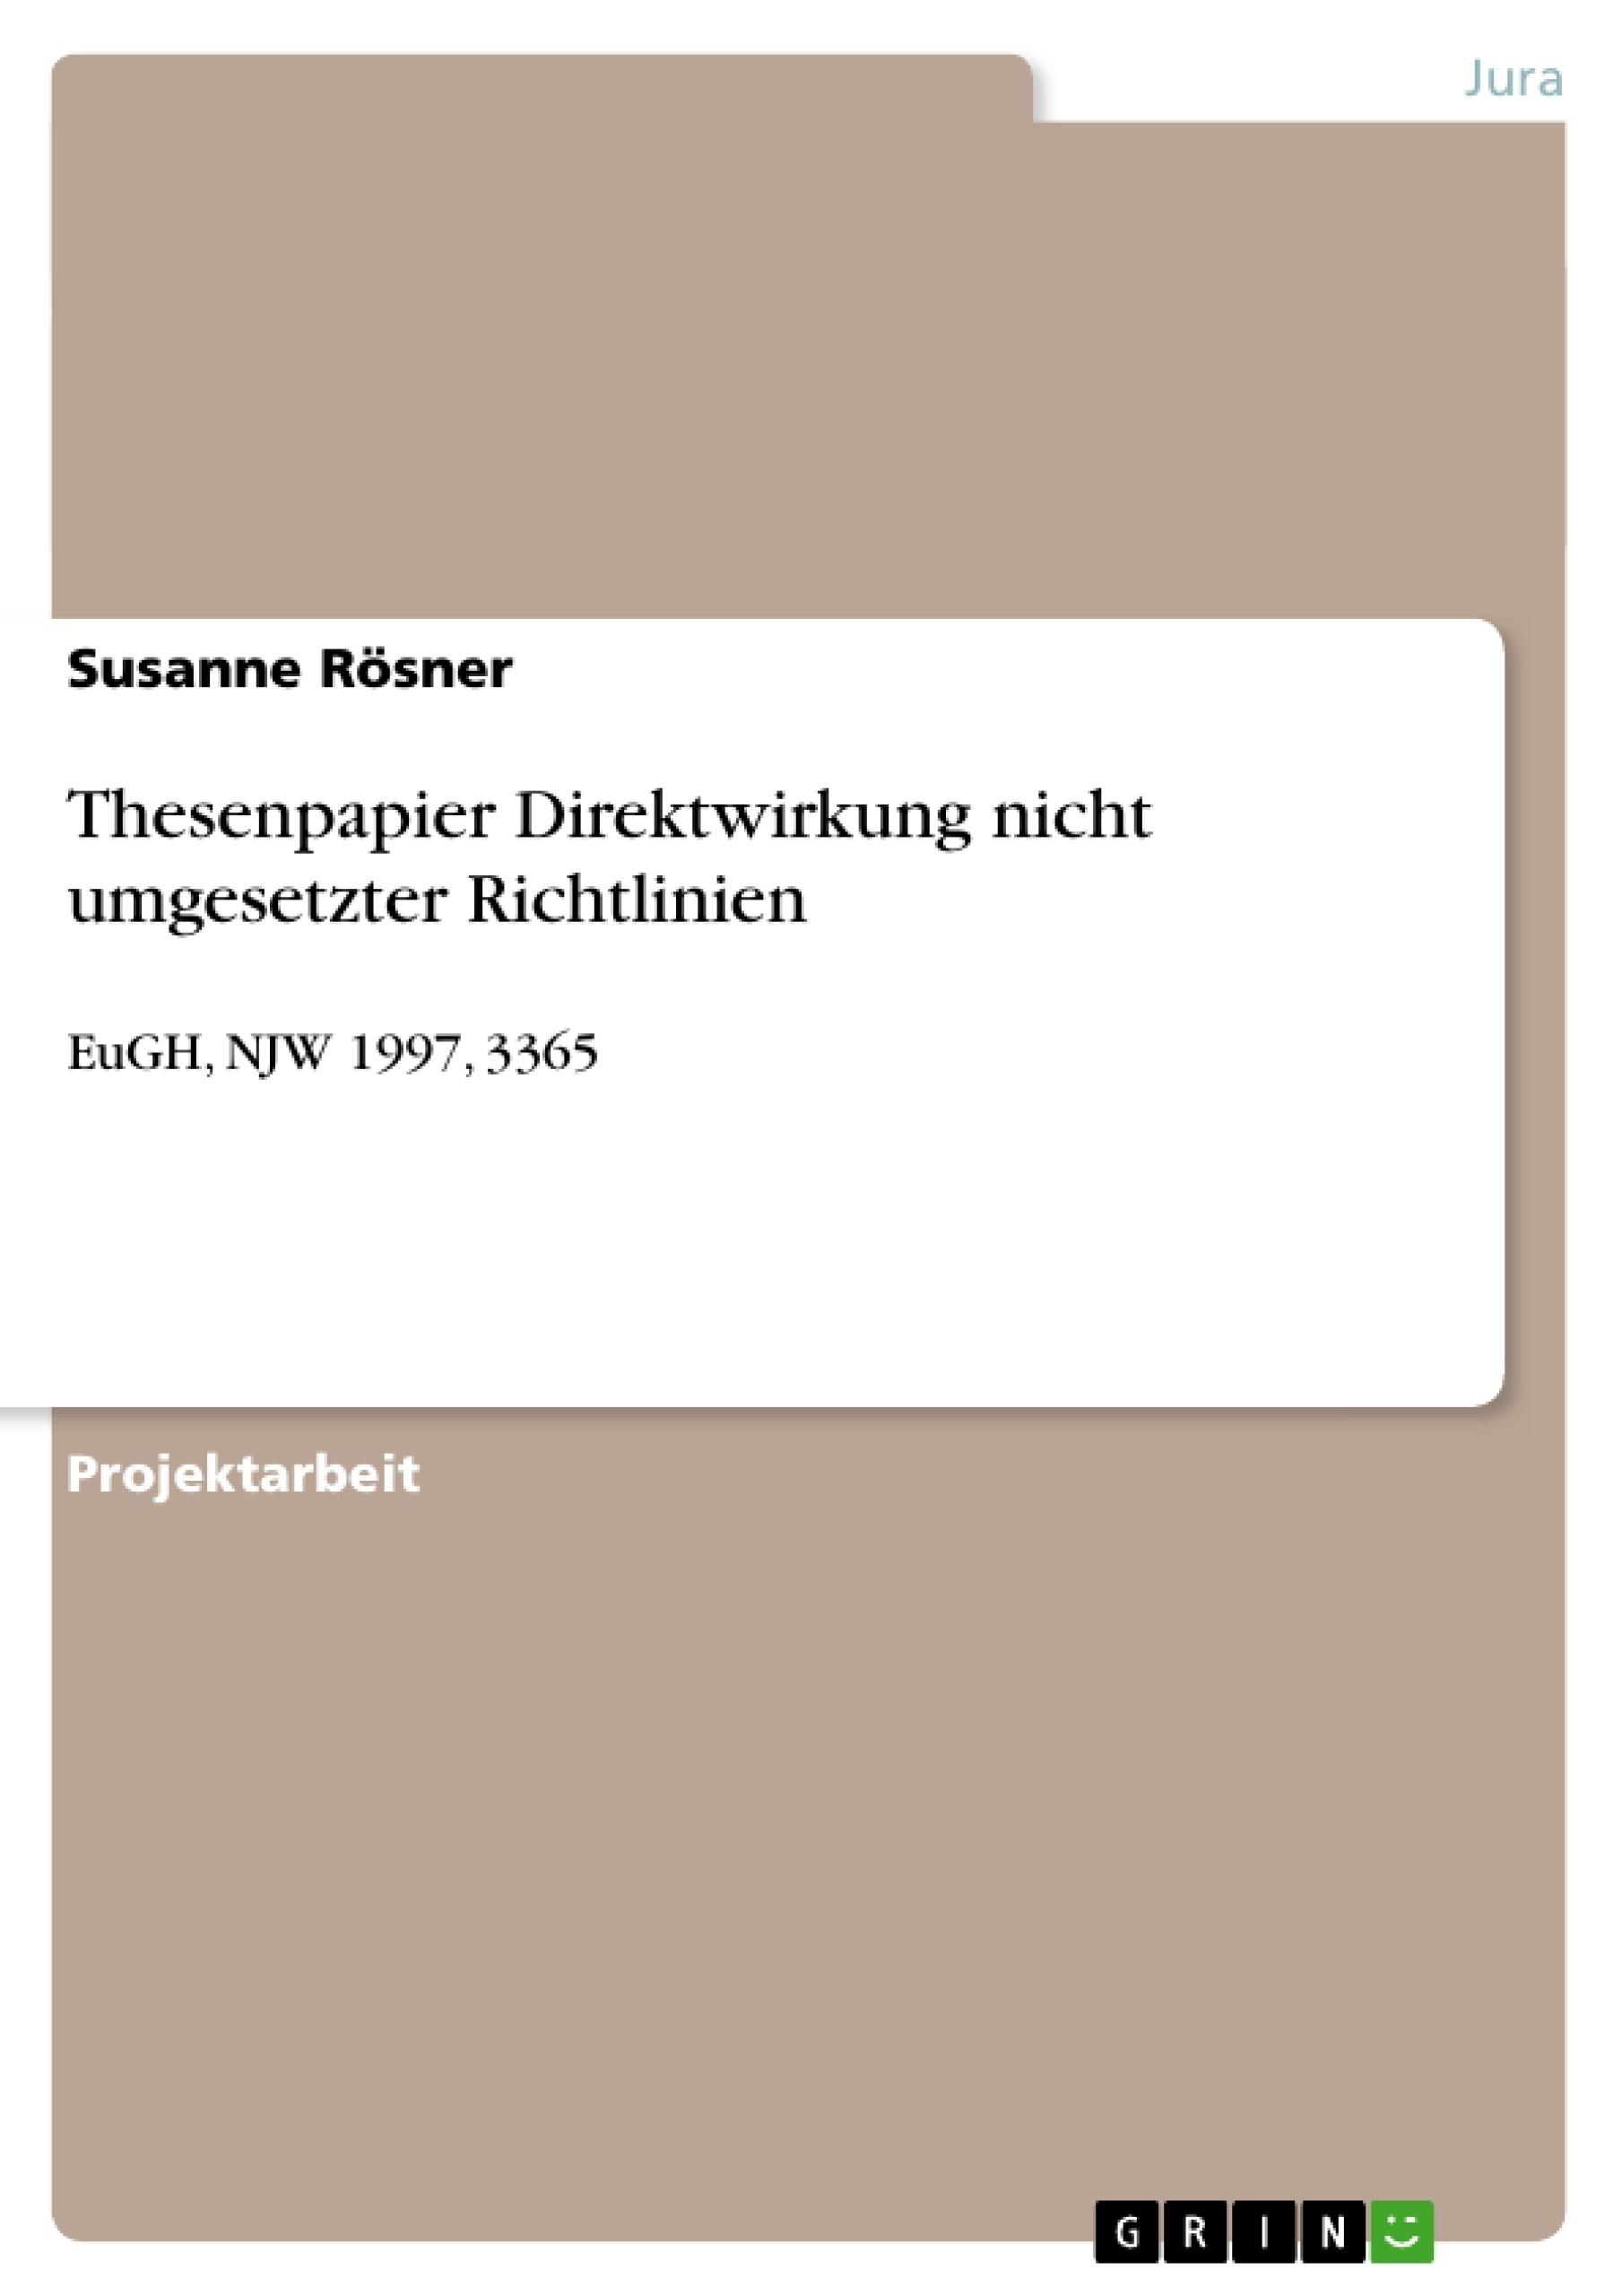 Titel: Thesenpapier Direktwirkung nicht umgesetzter Richtlinien